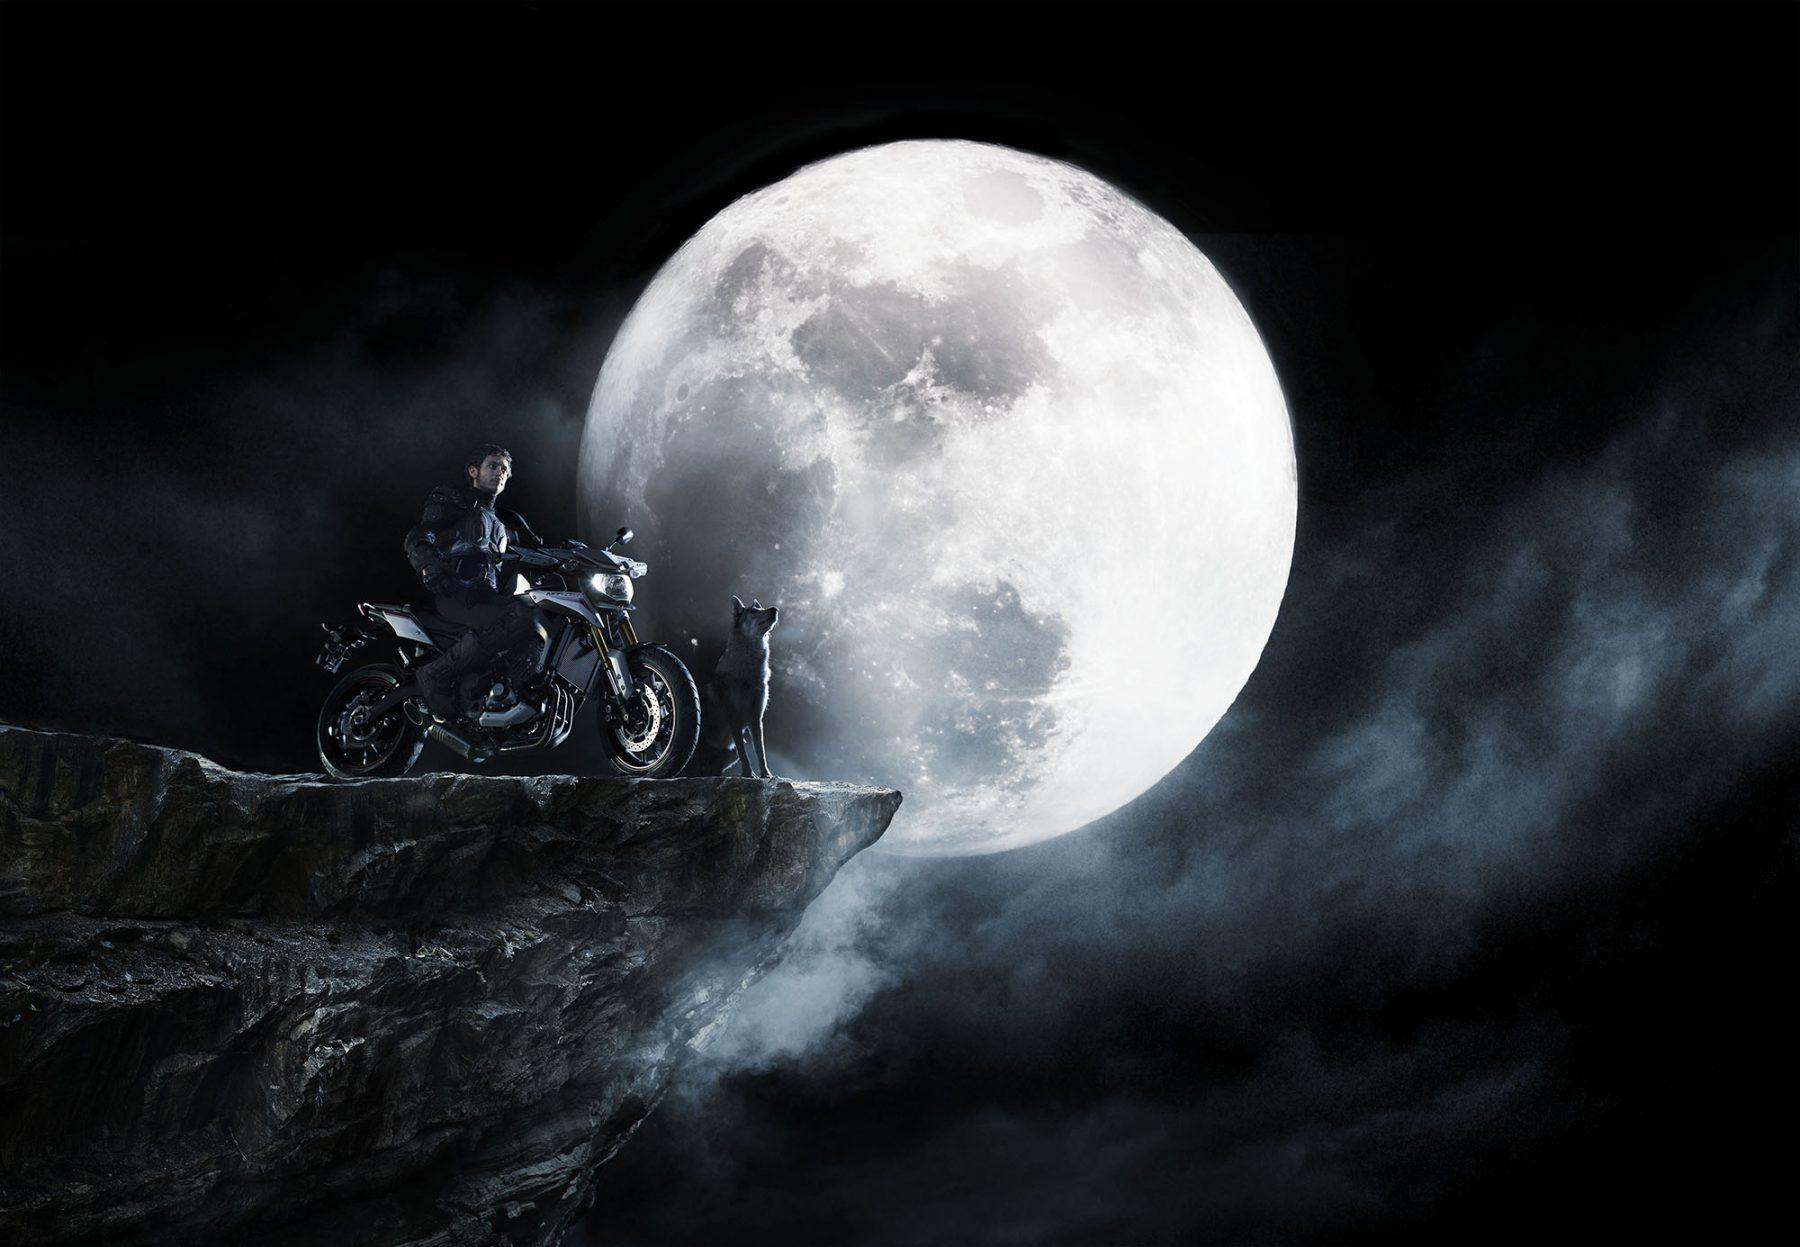 Yamaha / Moon